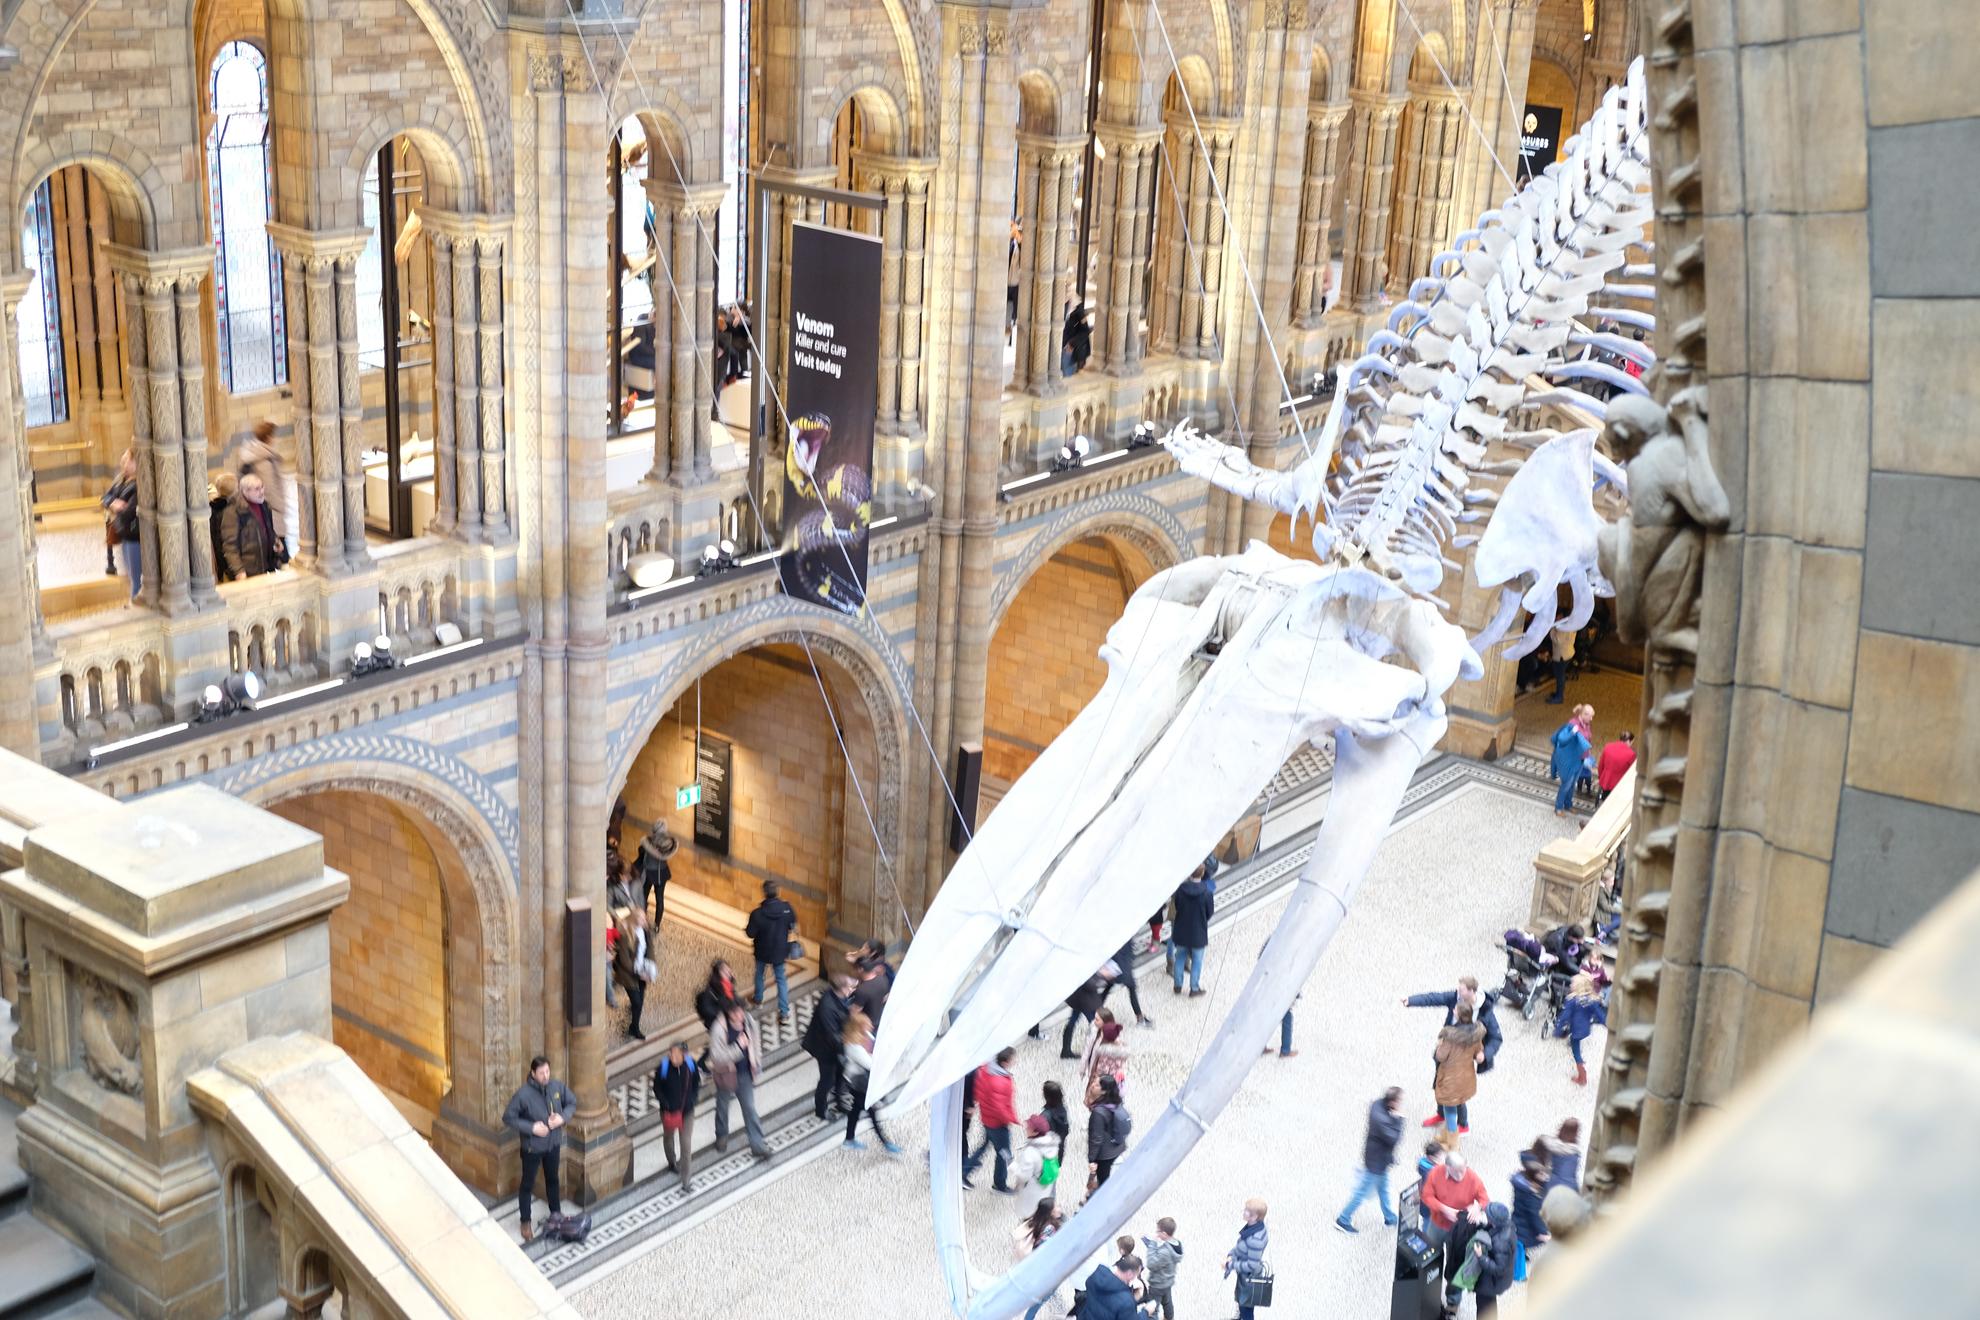 Una mattinata al museo, il Natural History Museum di Londra